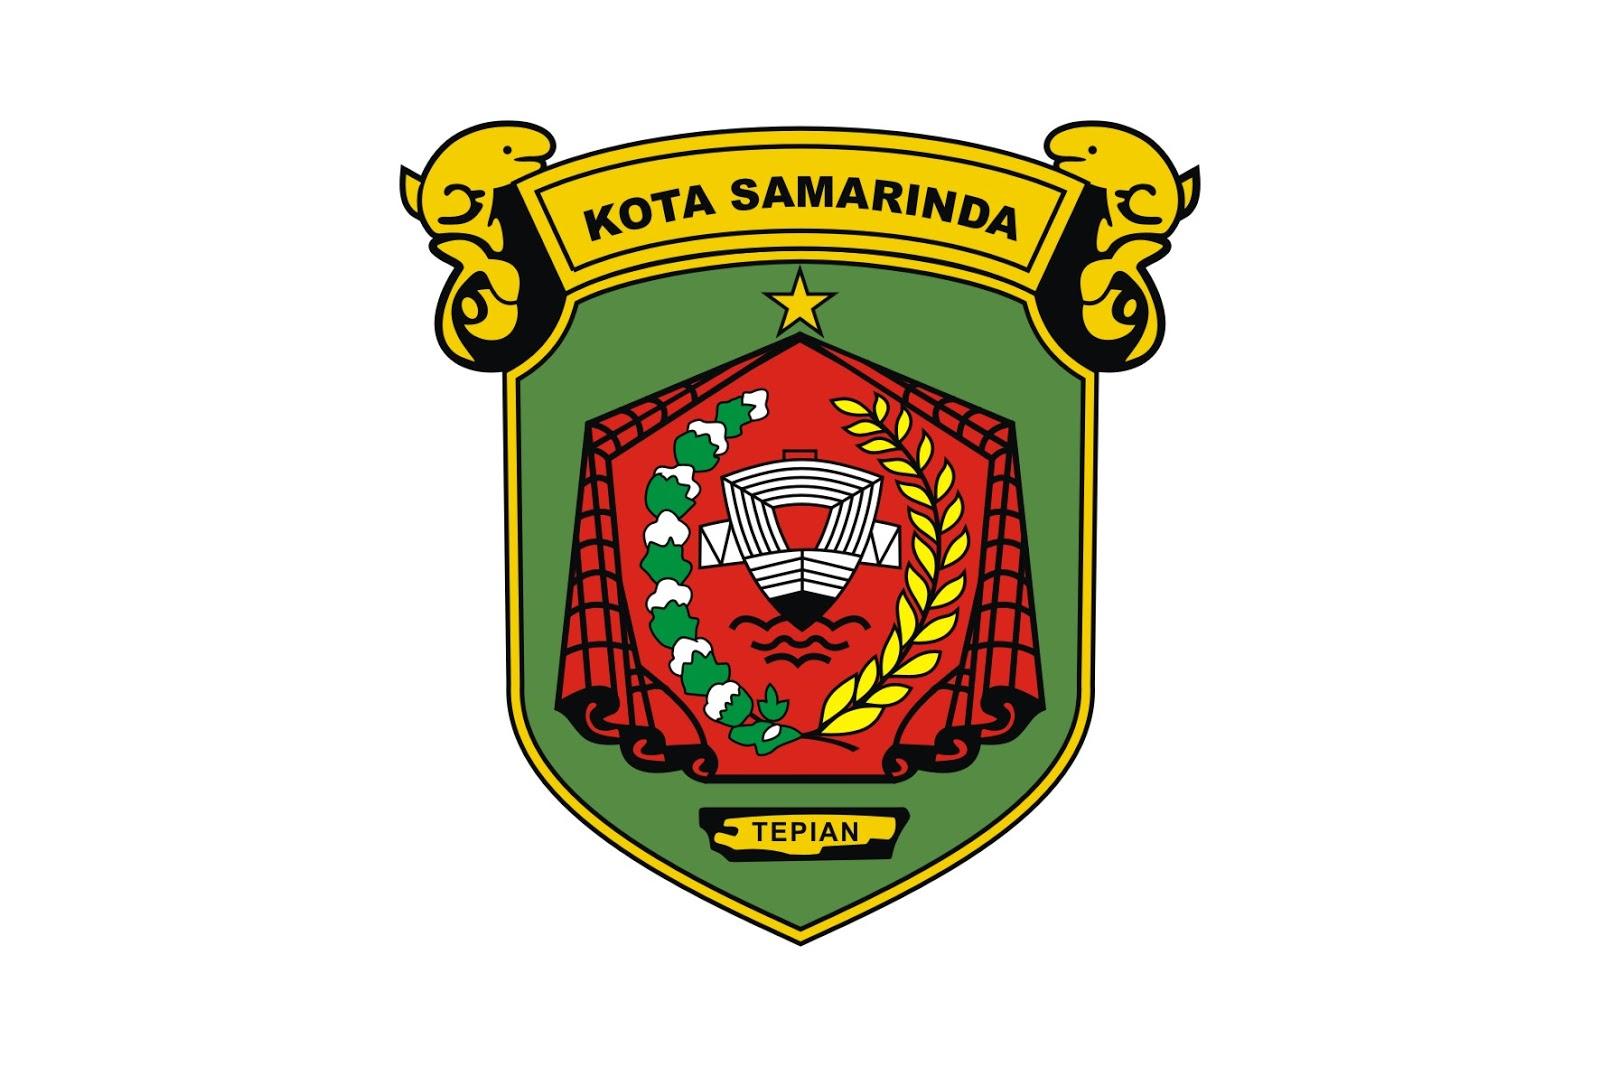 Kota Samarinda Logo